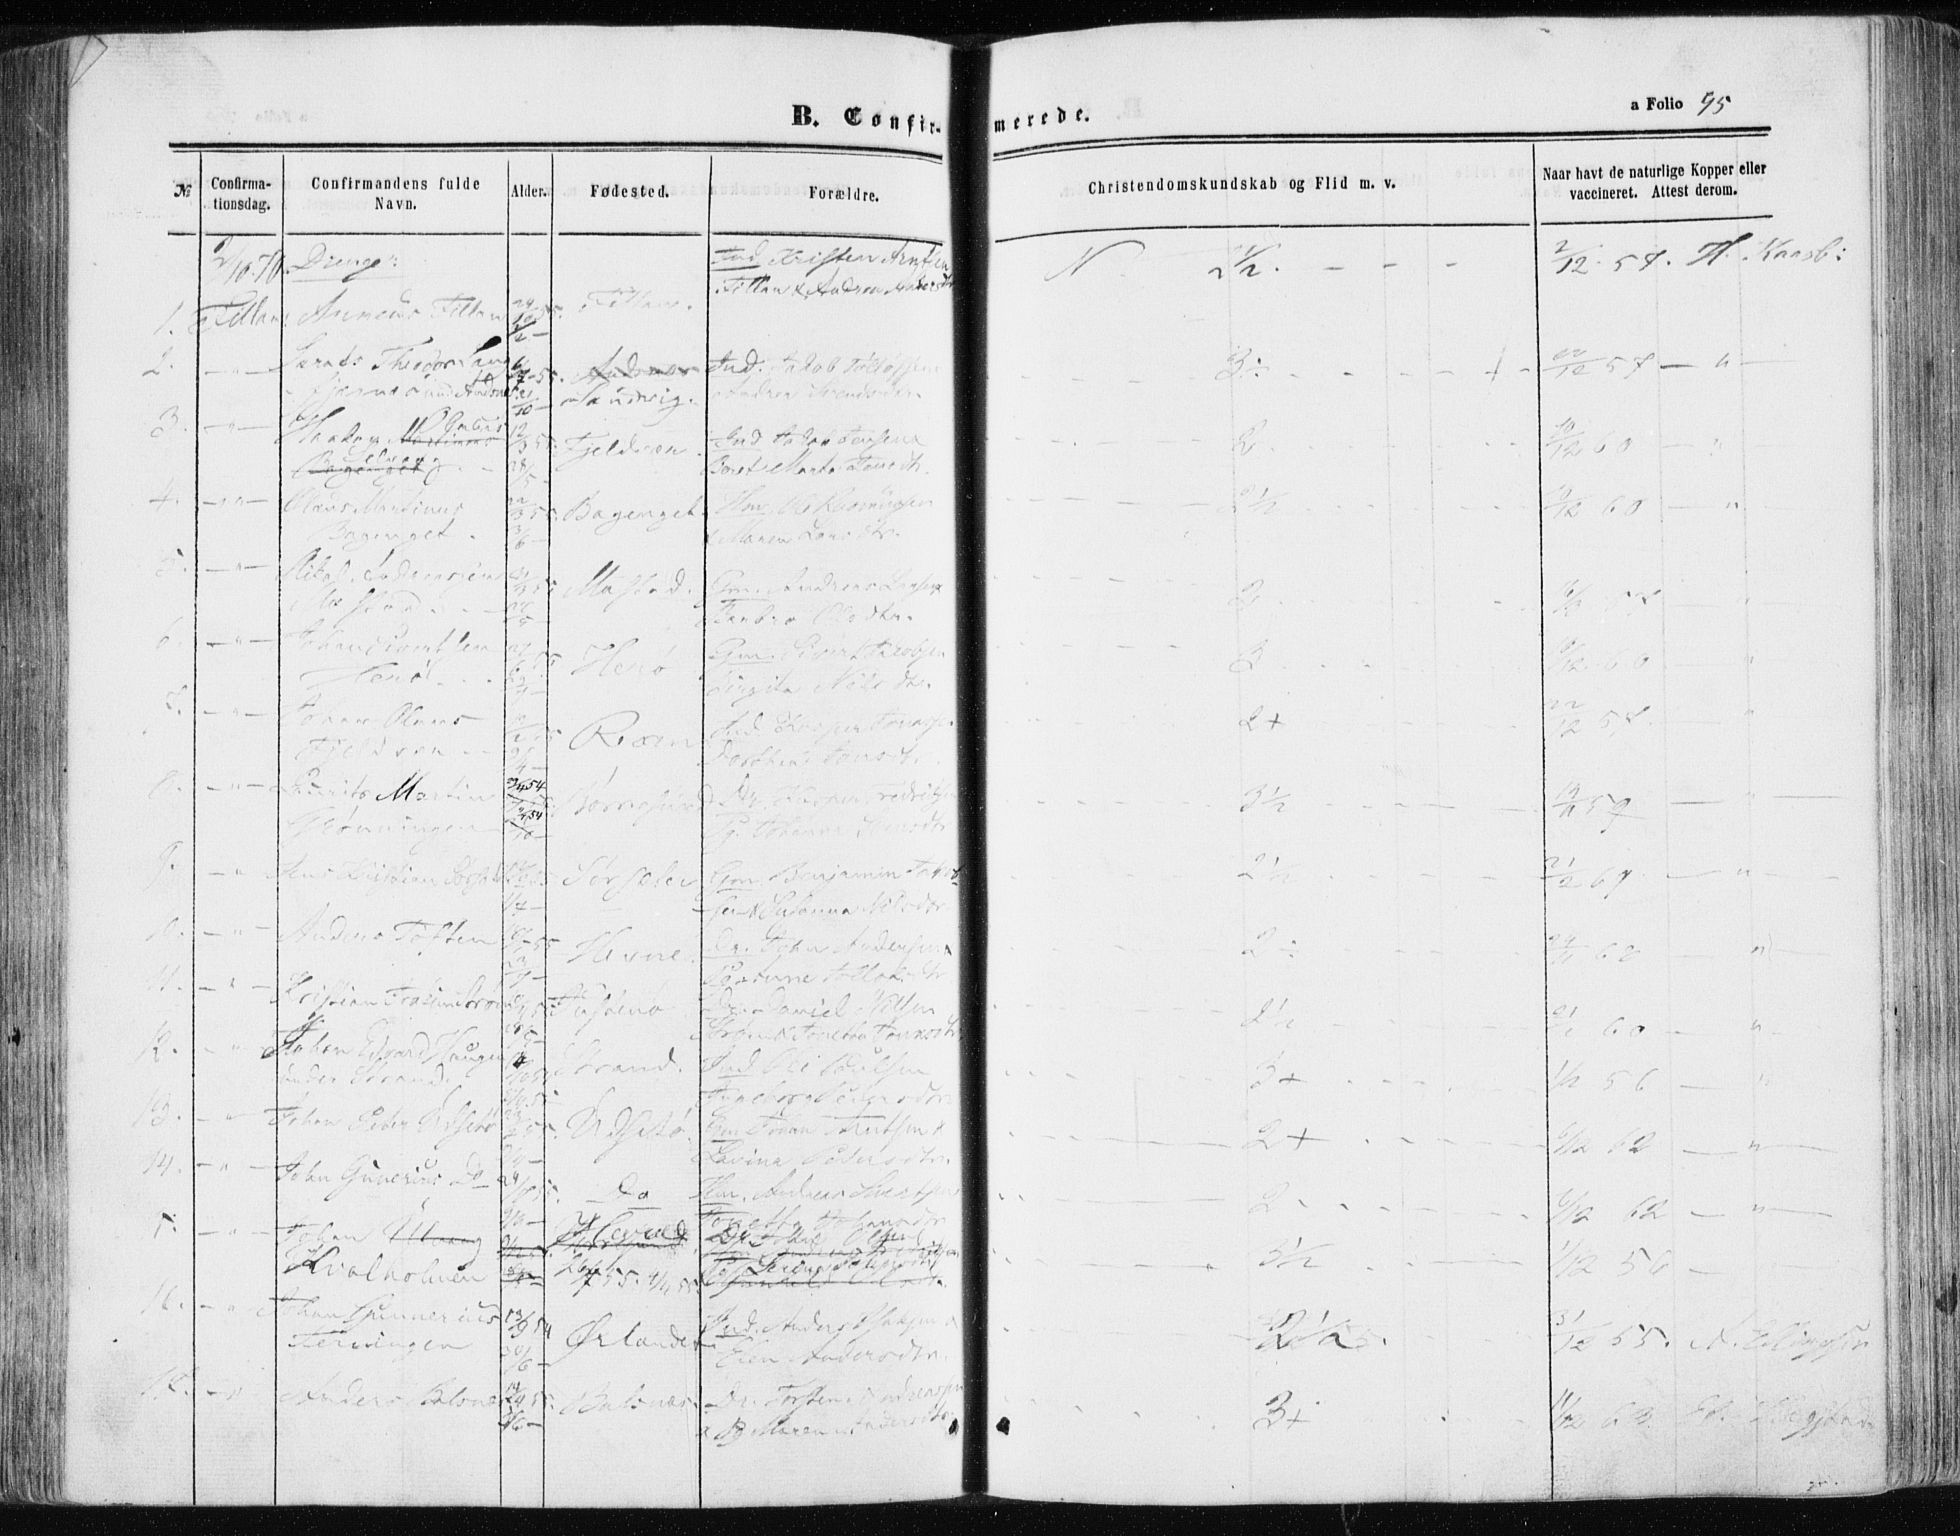 SAT, Ministerialprotokoller, klokkerbøker og fødselsregistre - Sør-Trøndelag, 634/L0531: Ministerialbok nr. 634A07, 1861-1870, s. 95